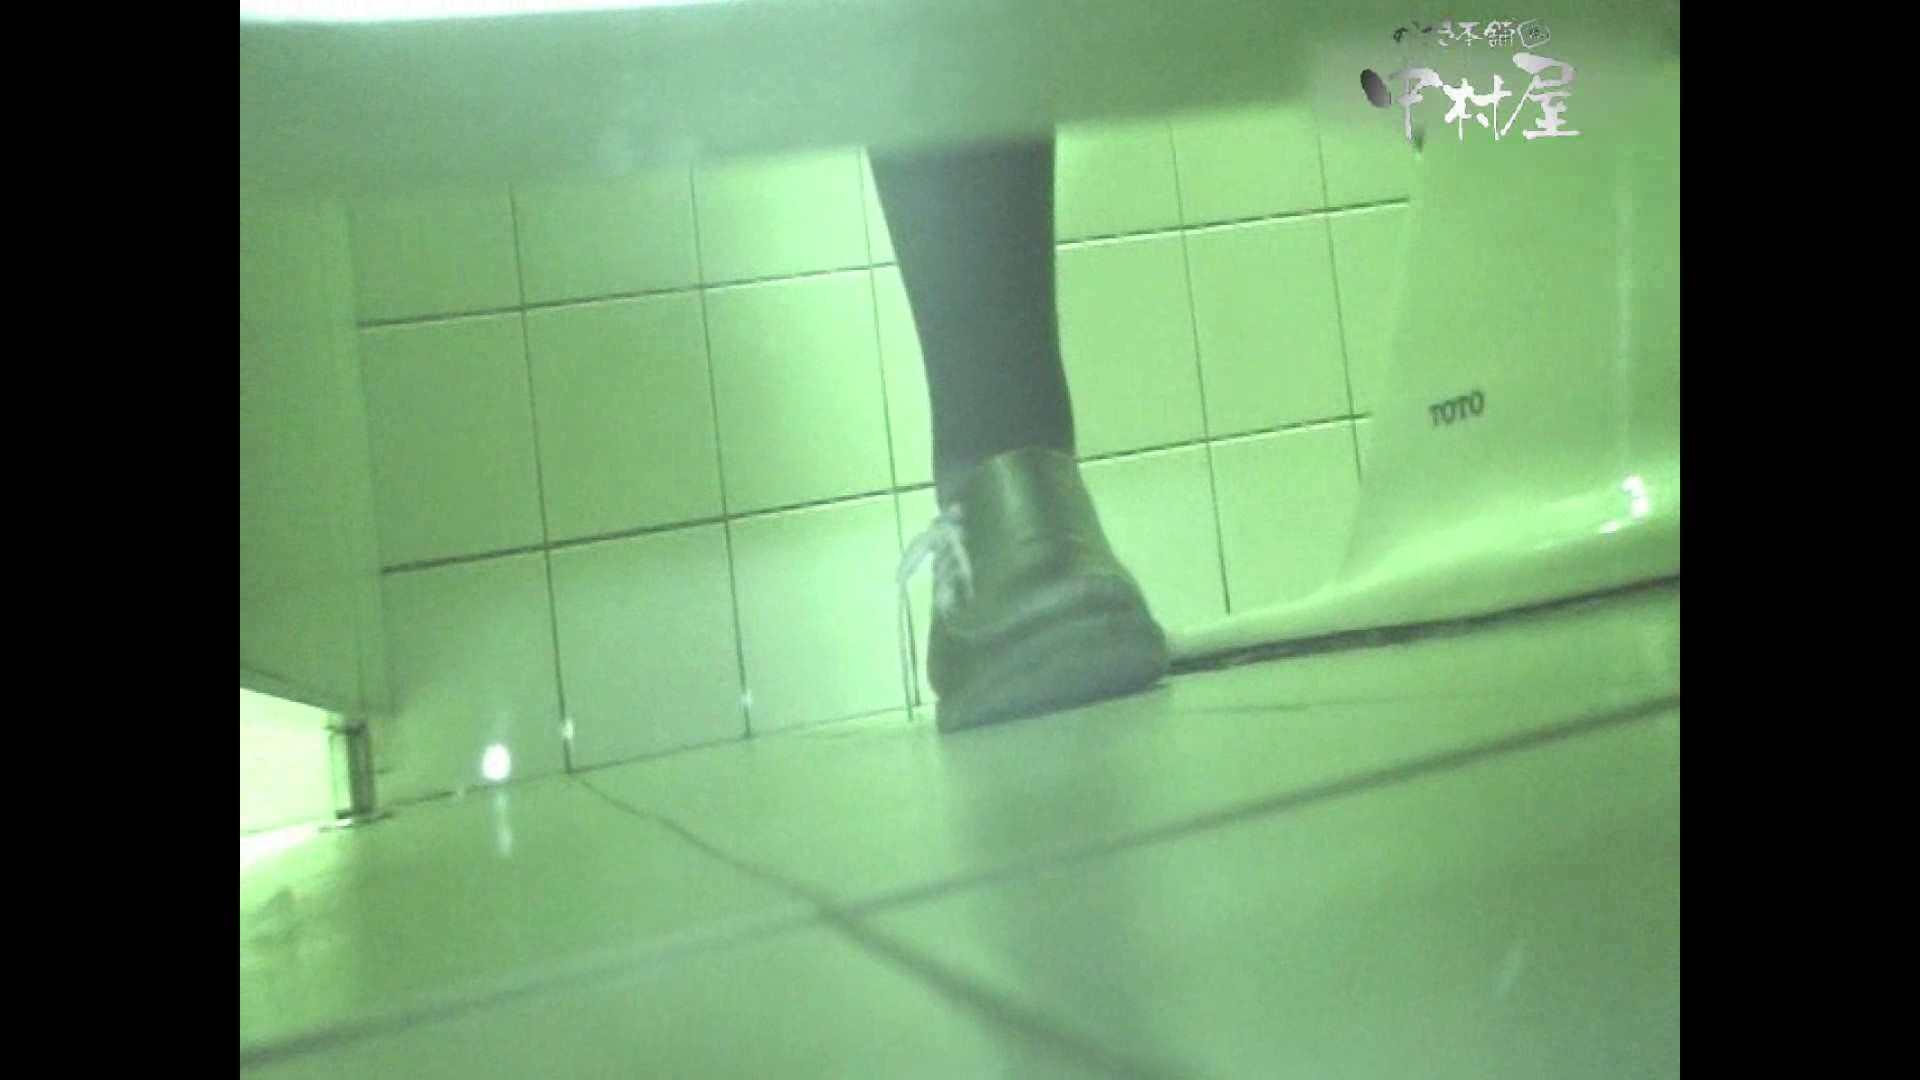 岩手県在住盗撮師盗撮記録vol.27 オマンコギャル おまんこ動画流出 82連発 3